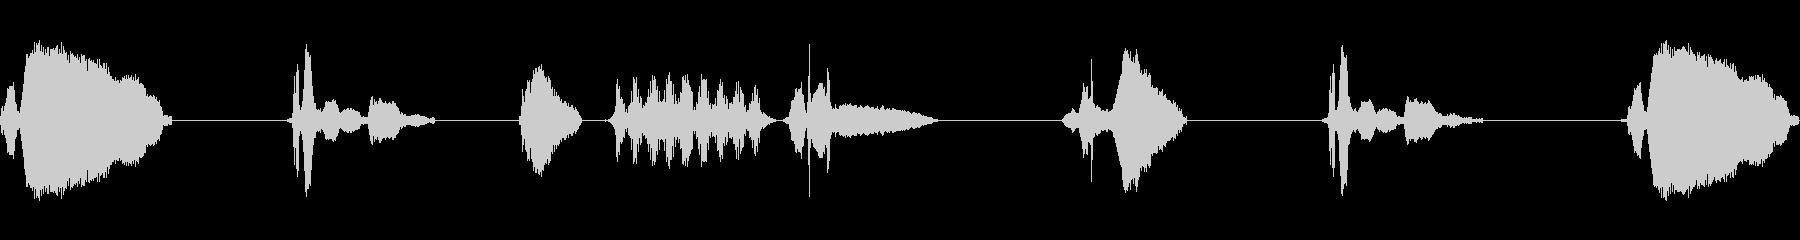 アオジのさえずり(黄色っぽい小鳥)の未再生の波形